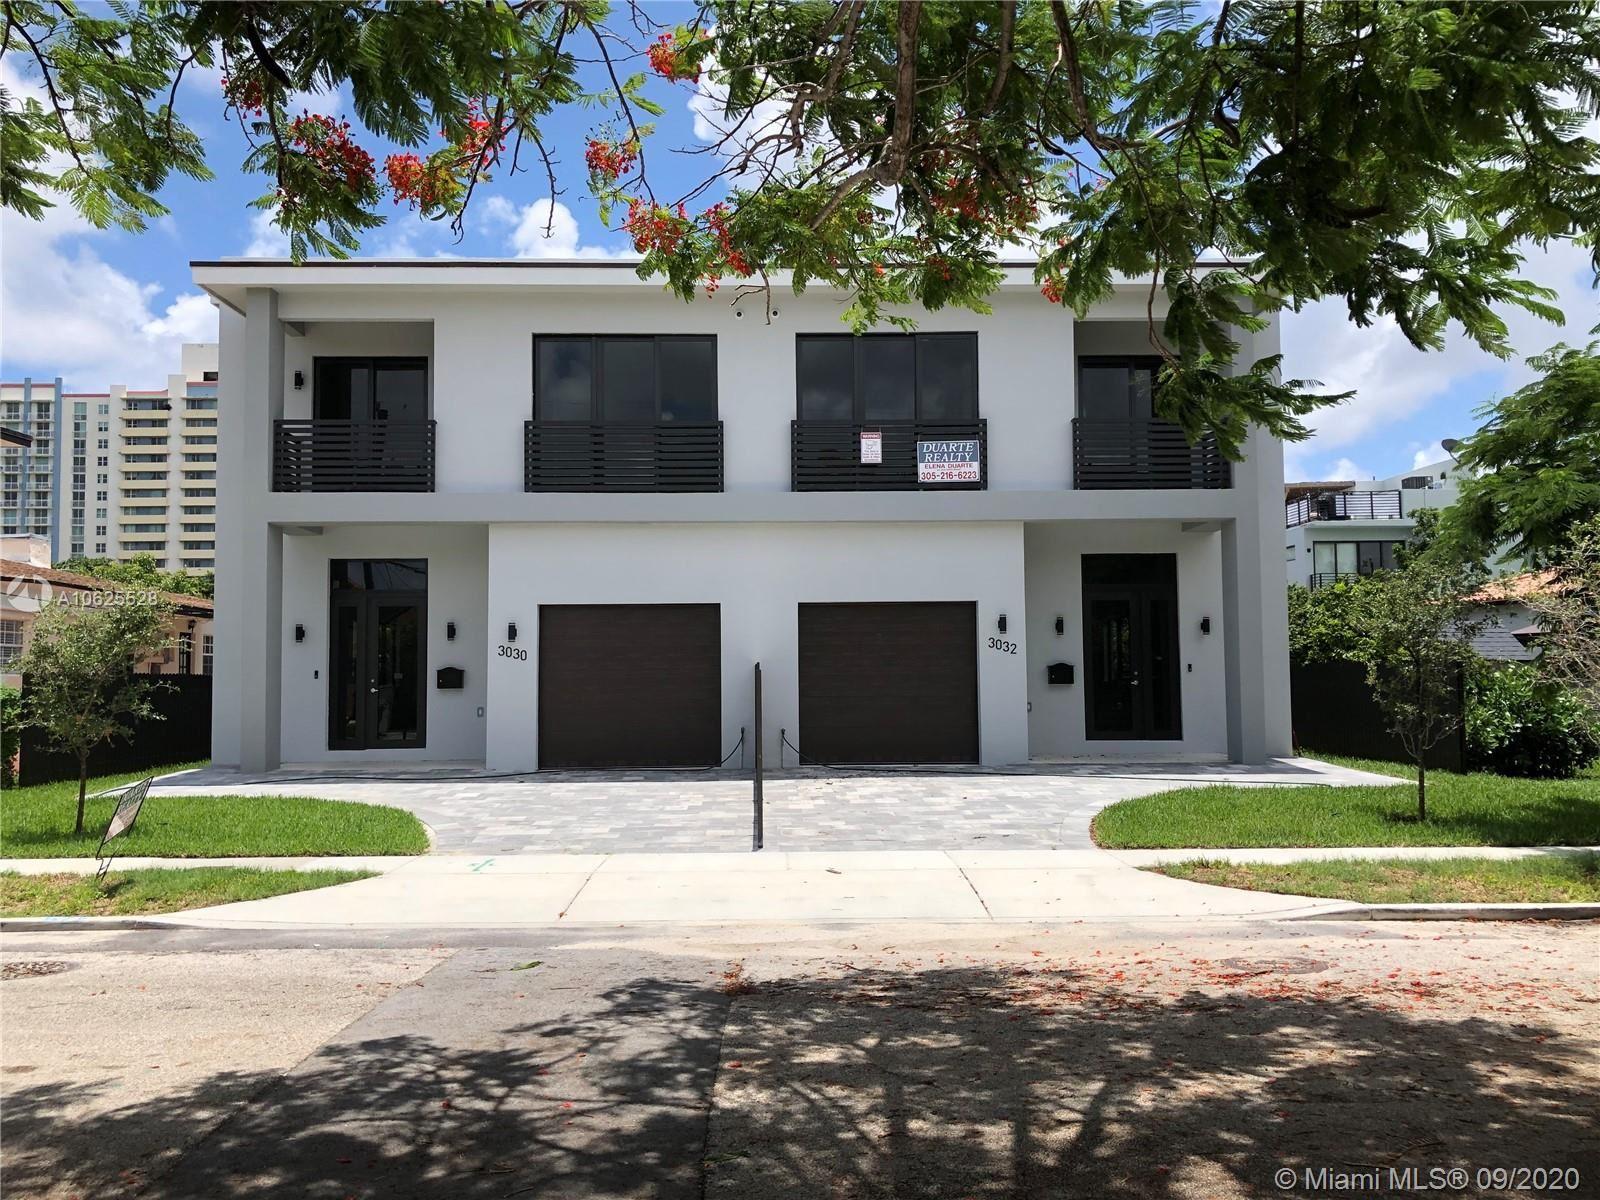 3030 SW 21st St, Miami, FL 33145 - #: A10625528